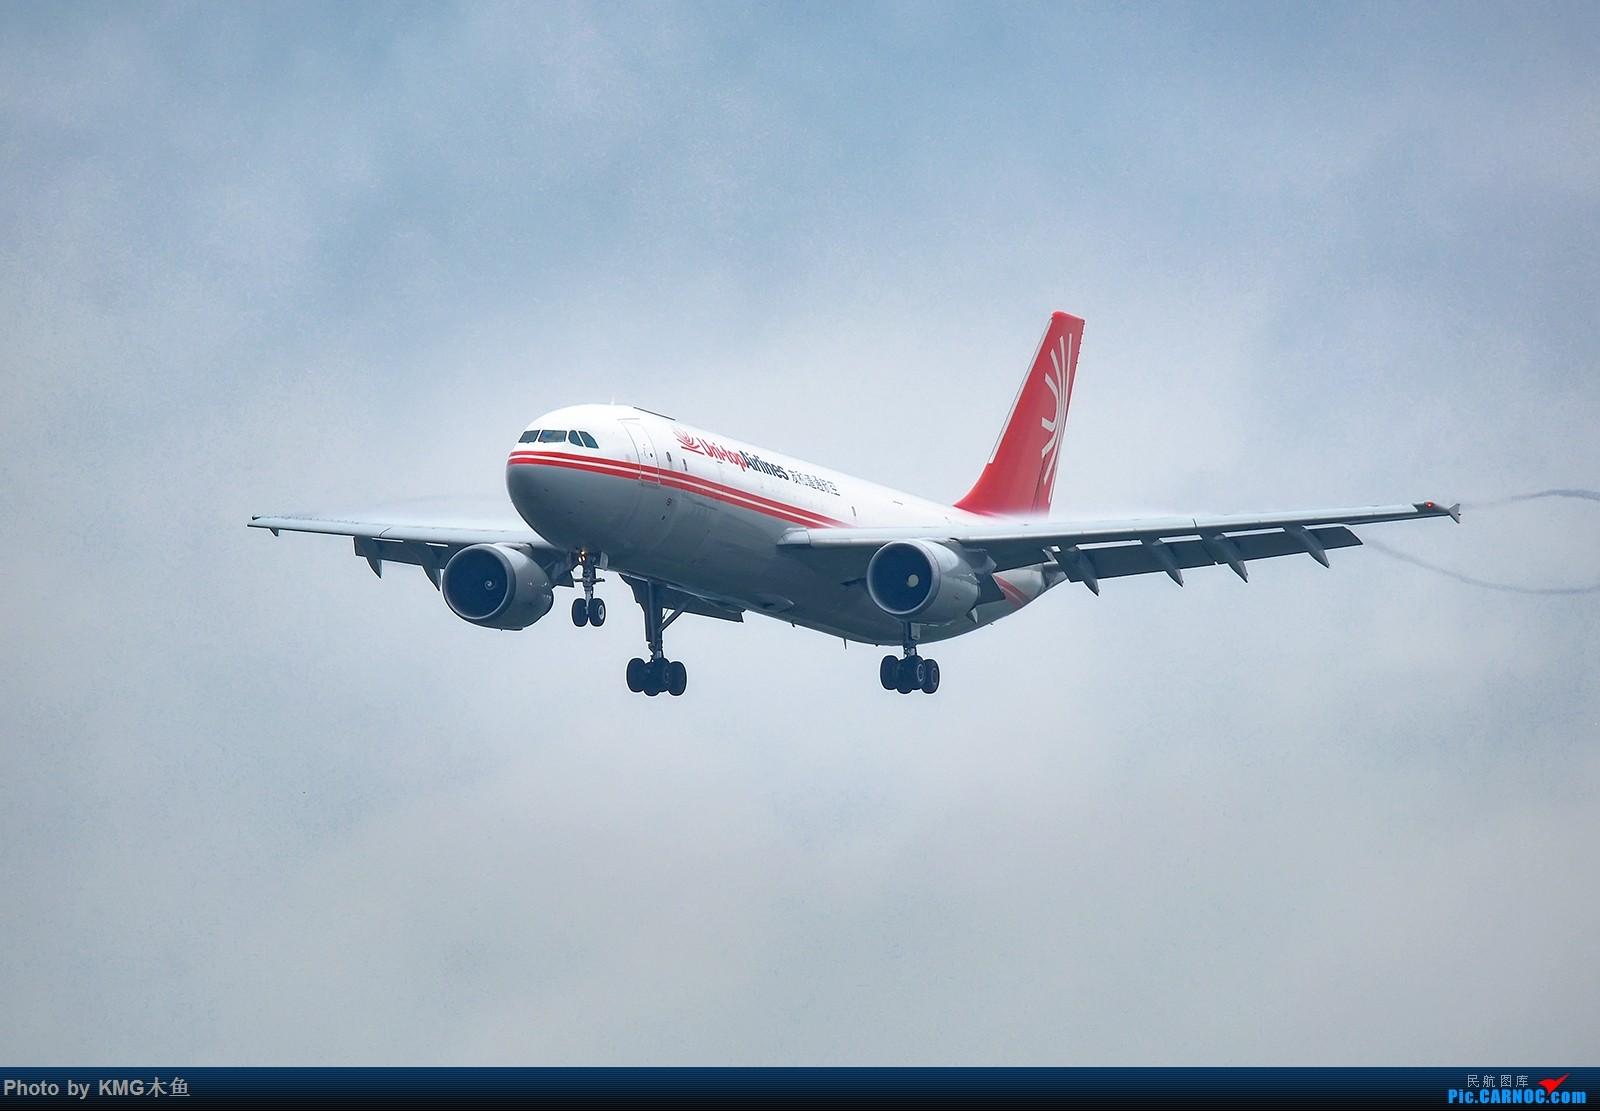 Re:[原创]【昆明长水国际机场——KMG木鱼拍机】拍机不能懒惰,昆明雨天照样拍机,货机,彩绘,宽体,公务机都有啦 AIRBUS A300B4-600 B-2325 中国昆明长水国际机场